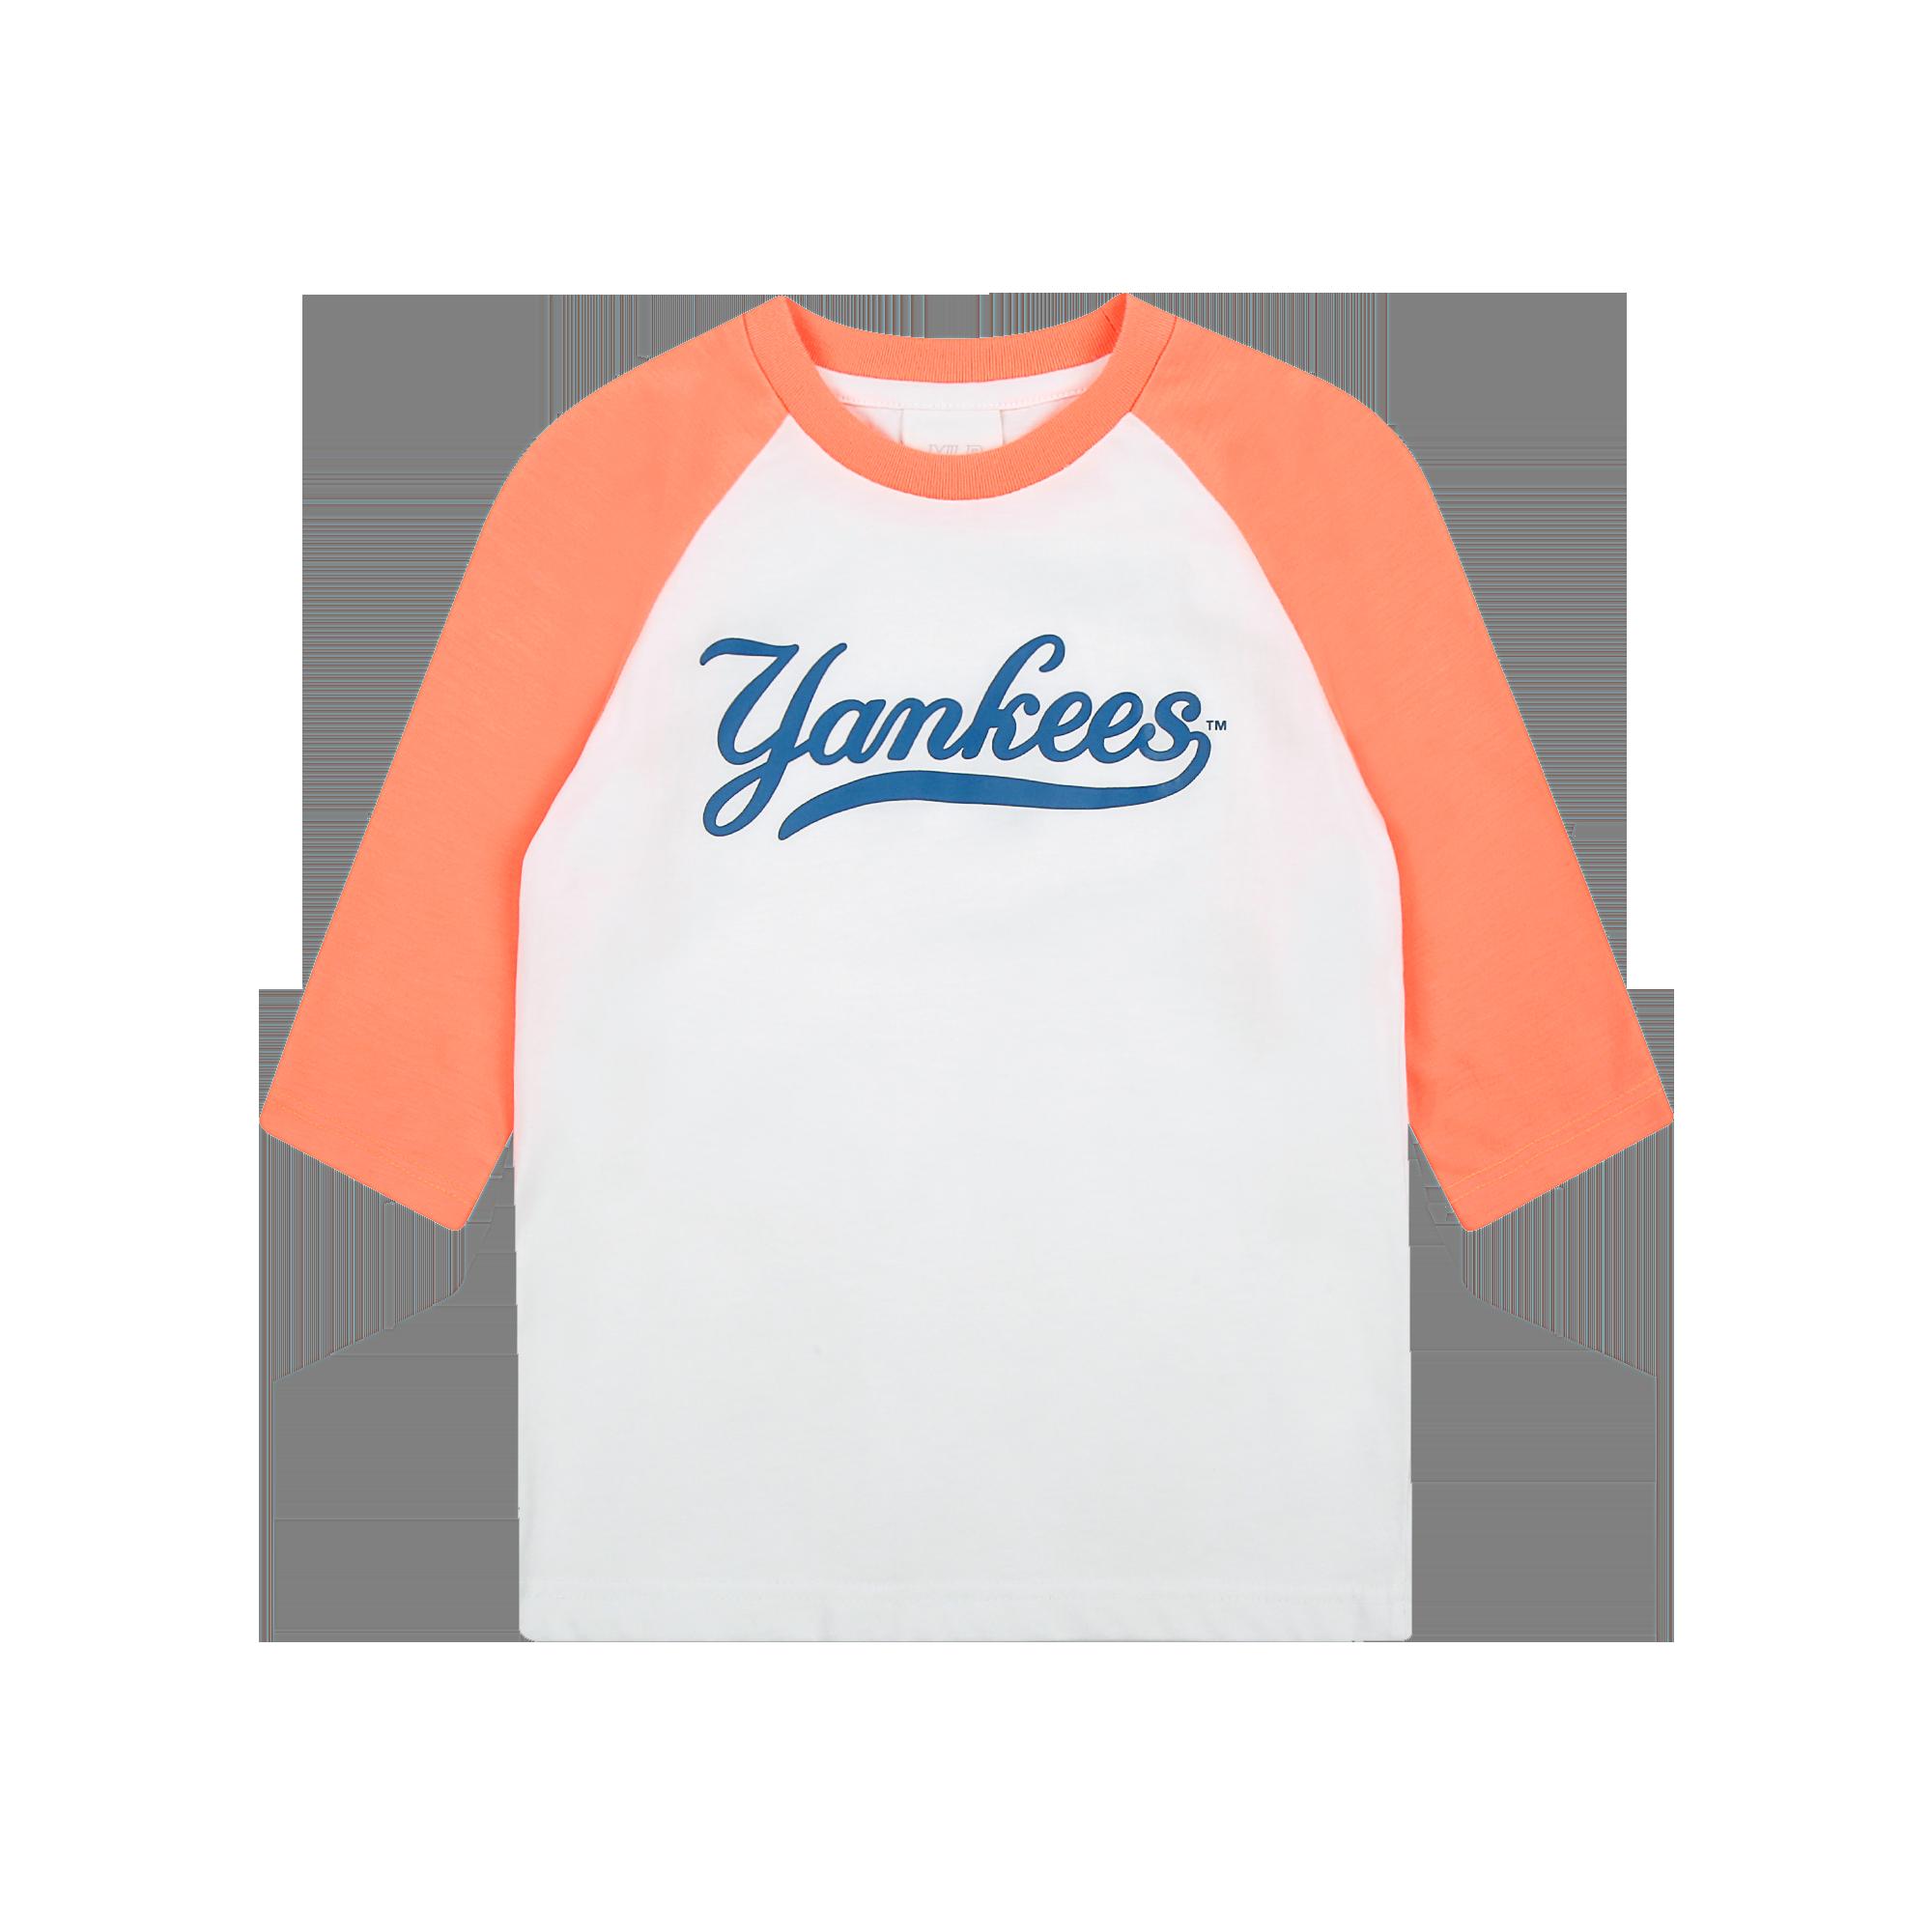 라글란 7부 소매 티셔츠 뉴욕양키스